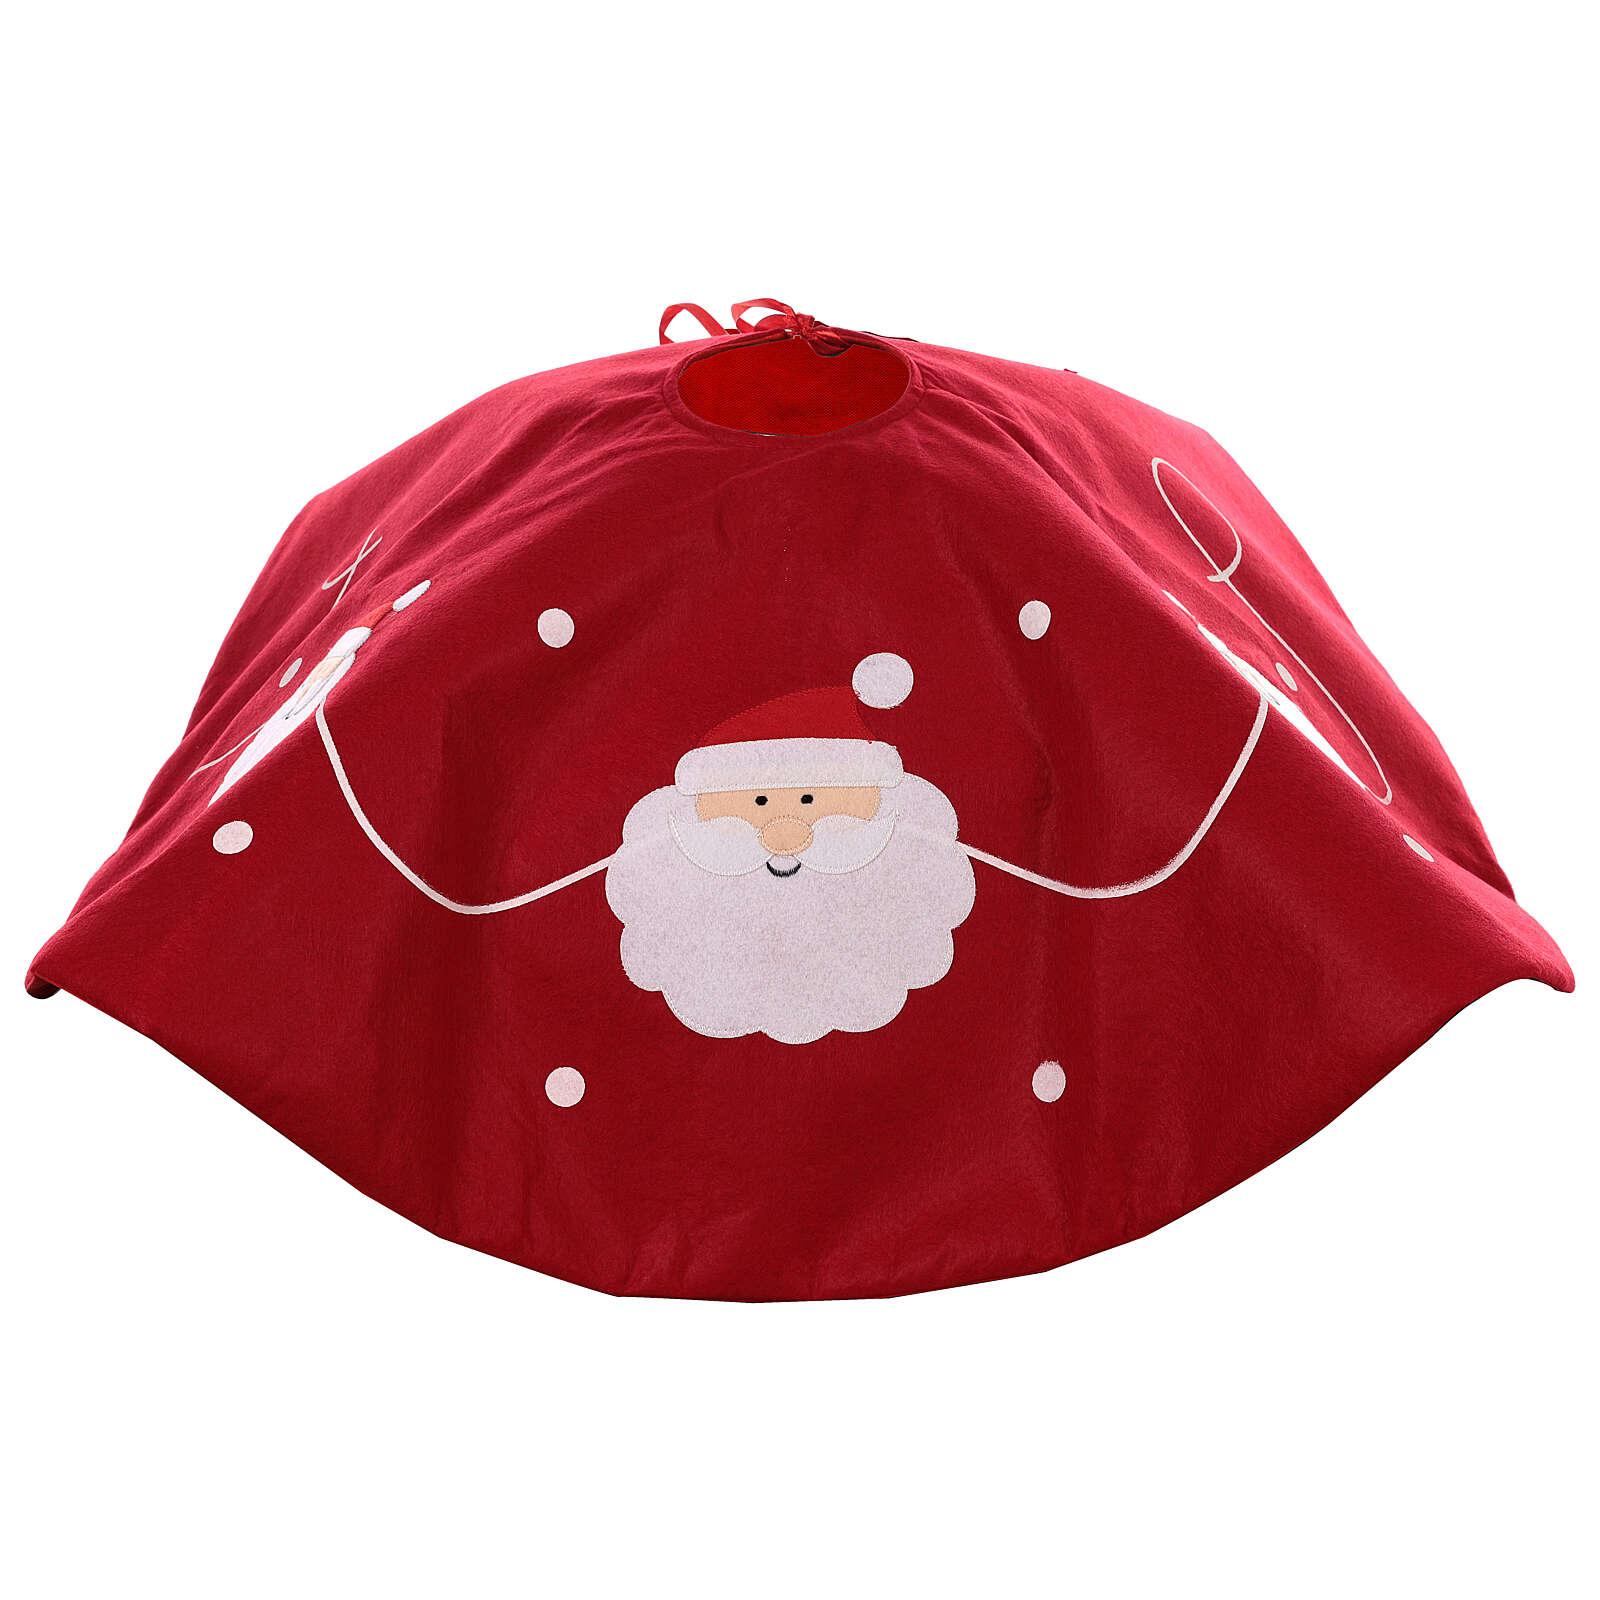 Abdeckung für Weihnachstbaumständer Weihnachtsmann, 90 cm 3